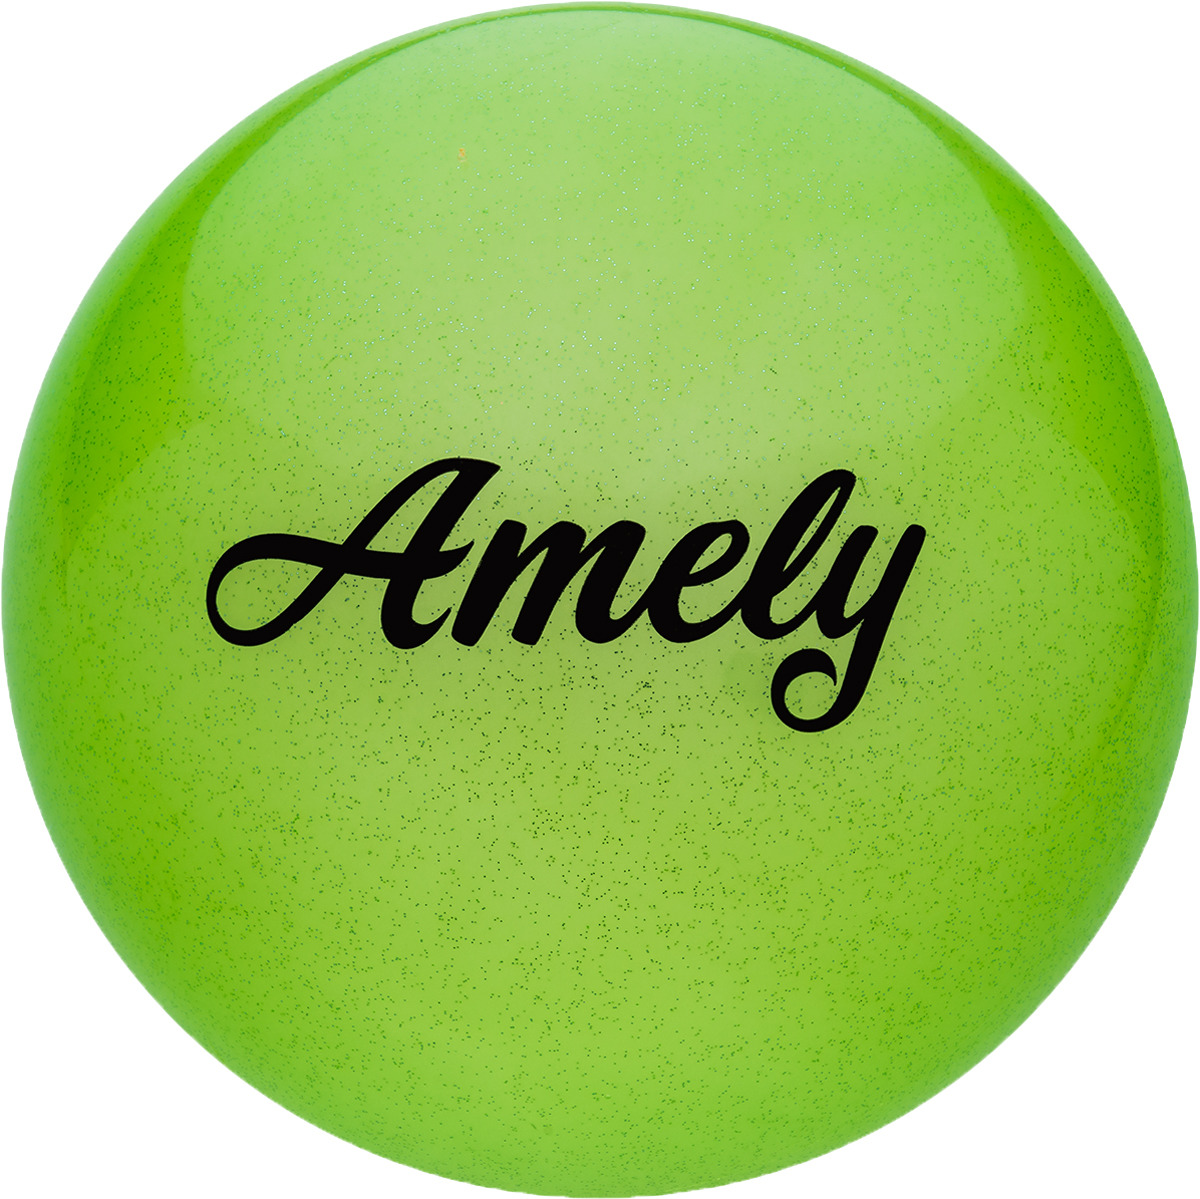 Мяч для художественной гимнастики Amely AGR-102, диаметр 15 см, цвет: зеленый с блестками лента для художественной гимнастики amely agr 201 длина 6 м с палочкой 56 см цвет фиолетовый